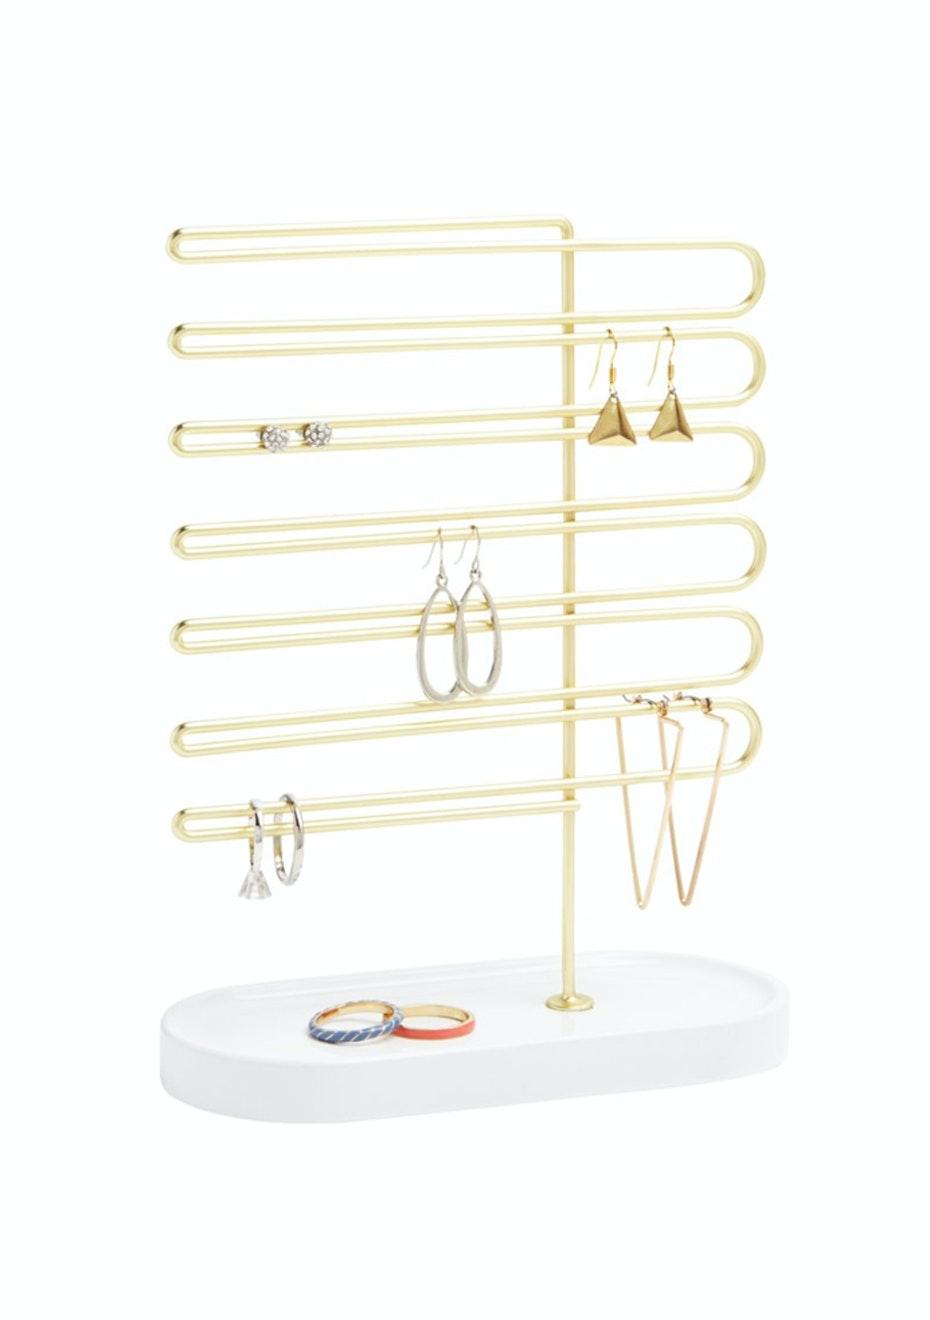 Umbra - Trinket Earring Tree  - White/Brass